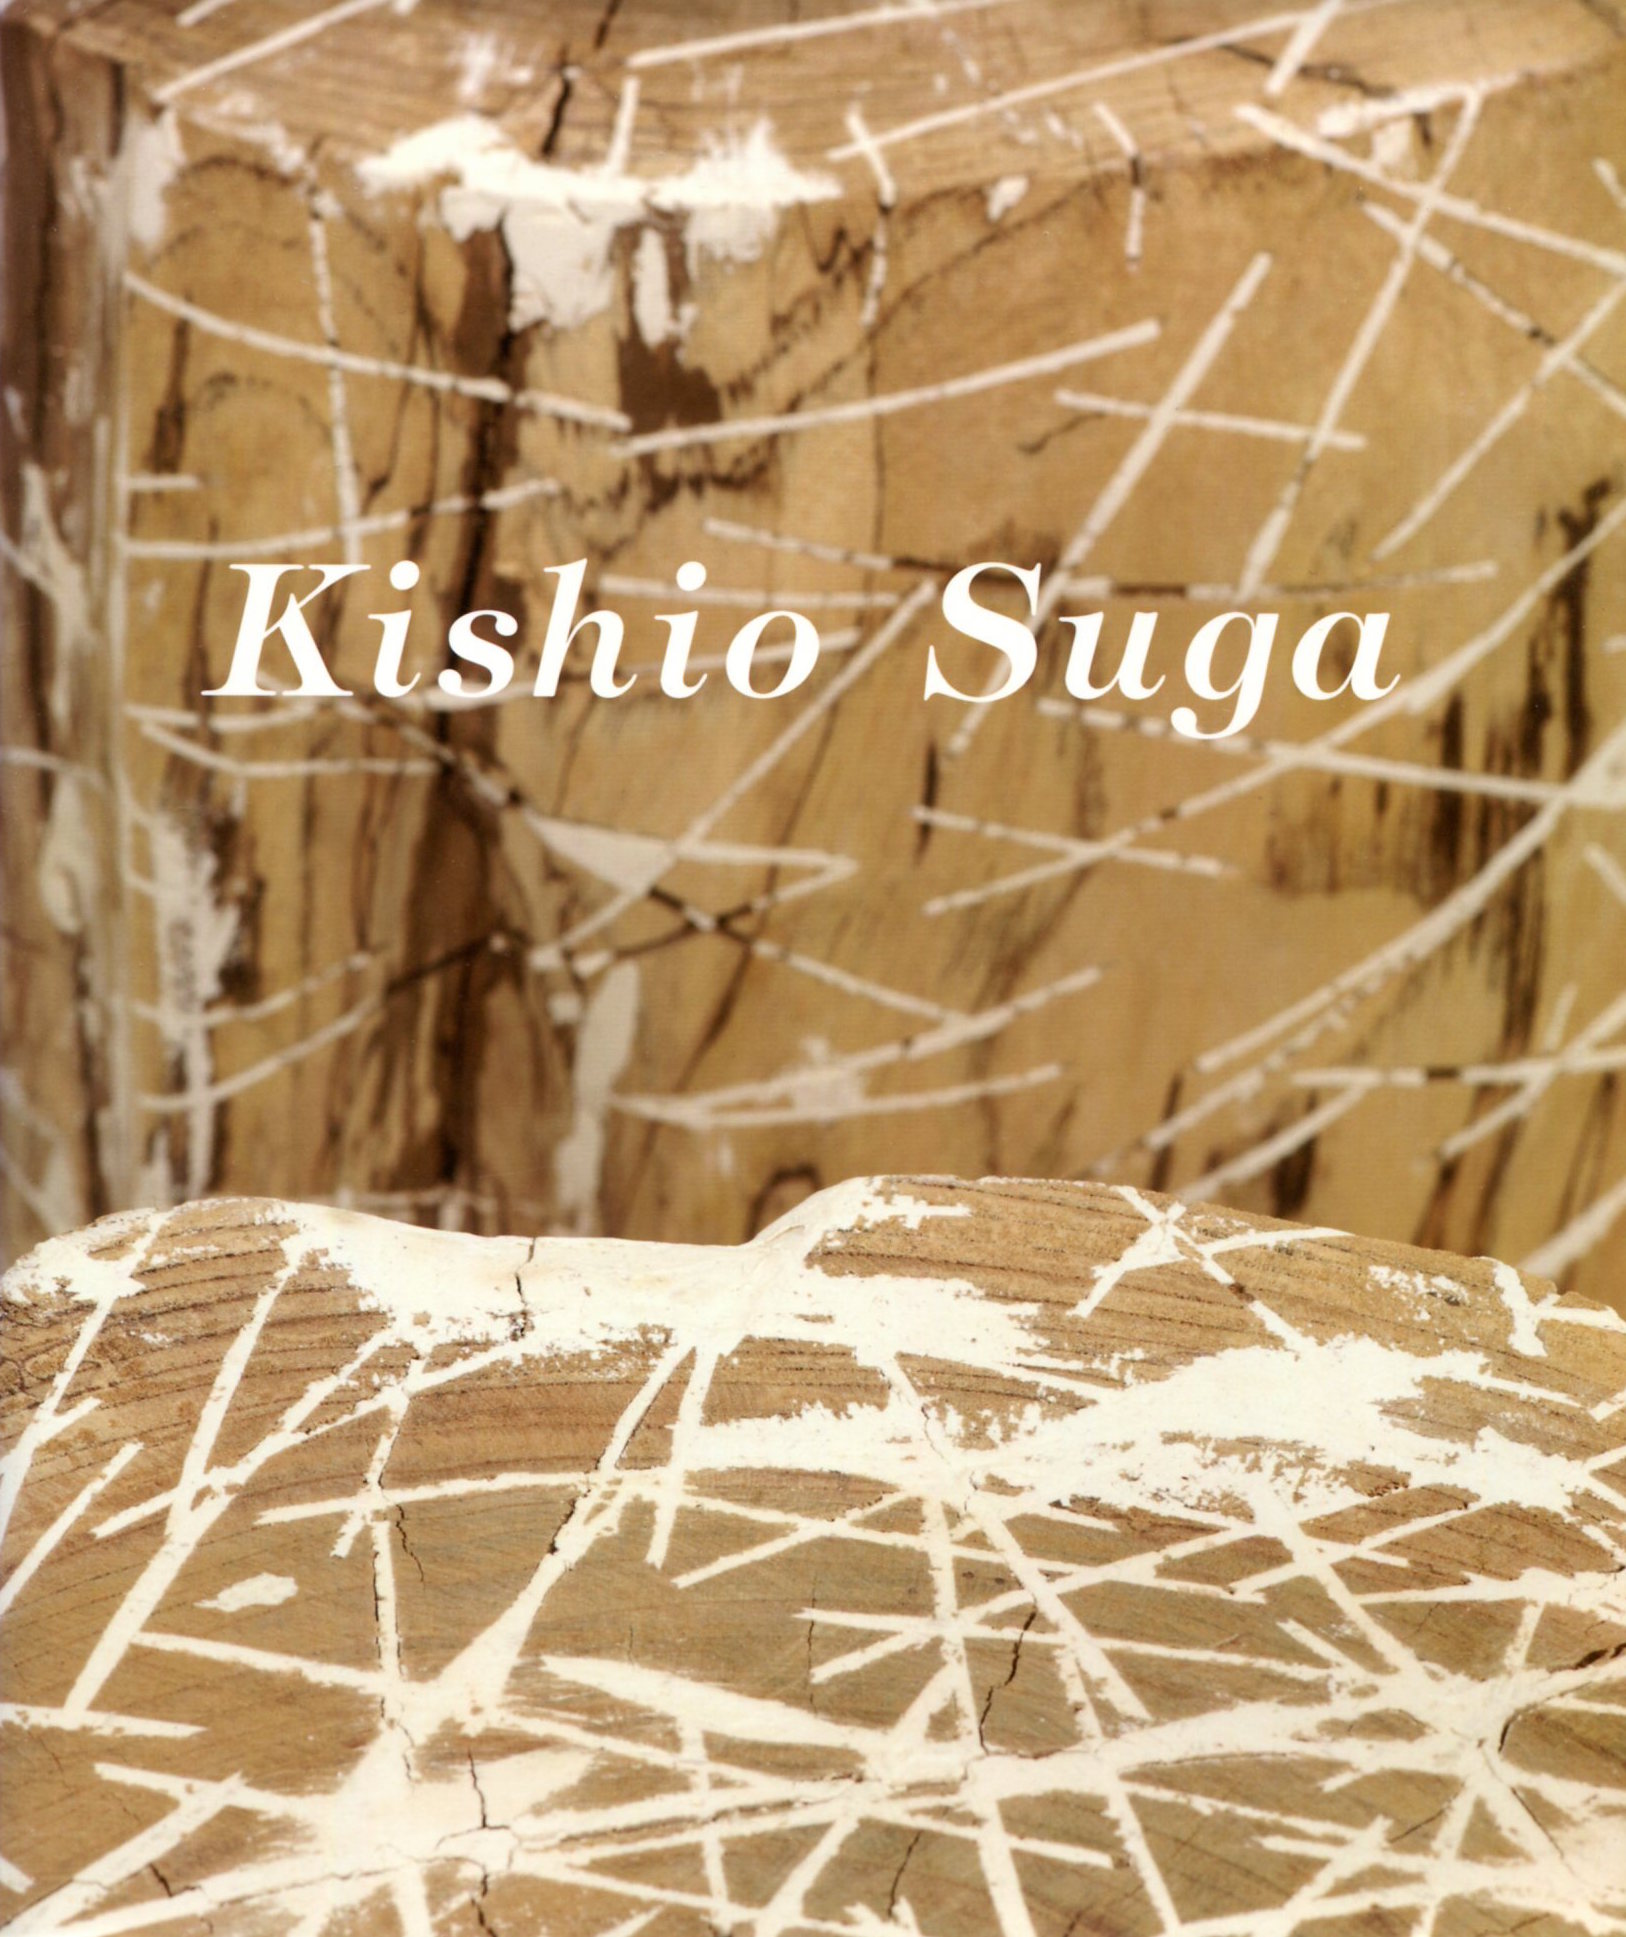 Kishio Suga  Tomio Koyama Gallery, 2008